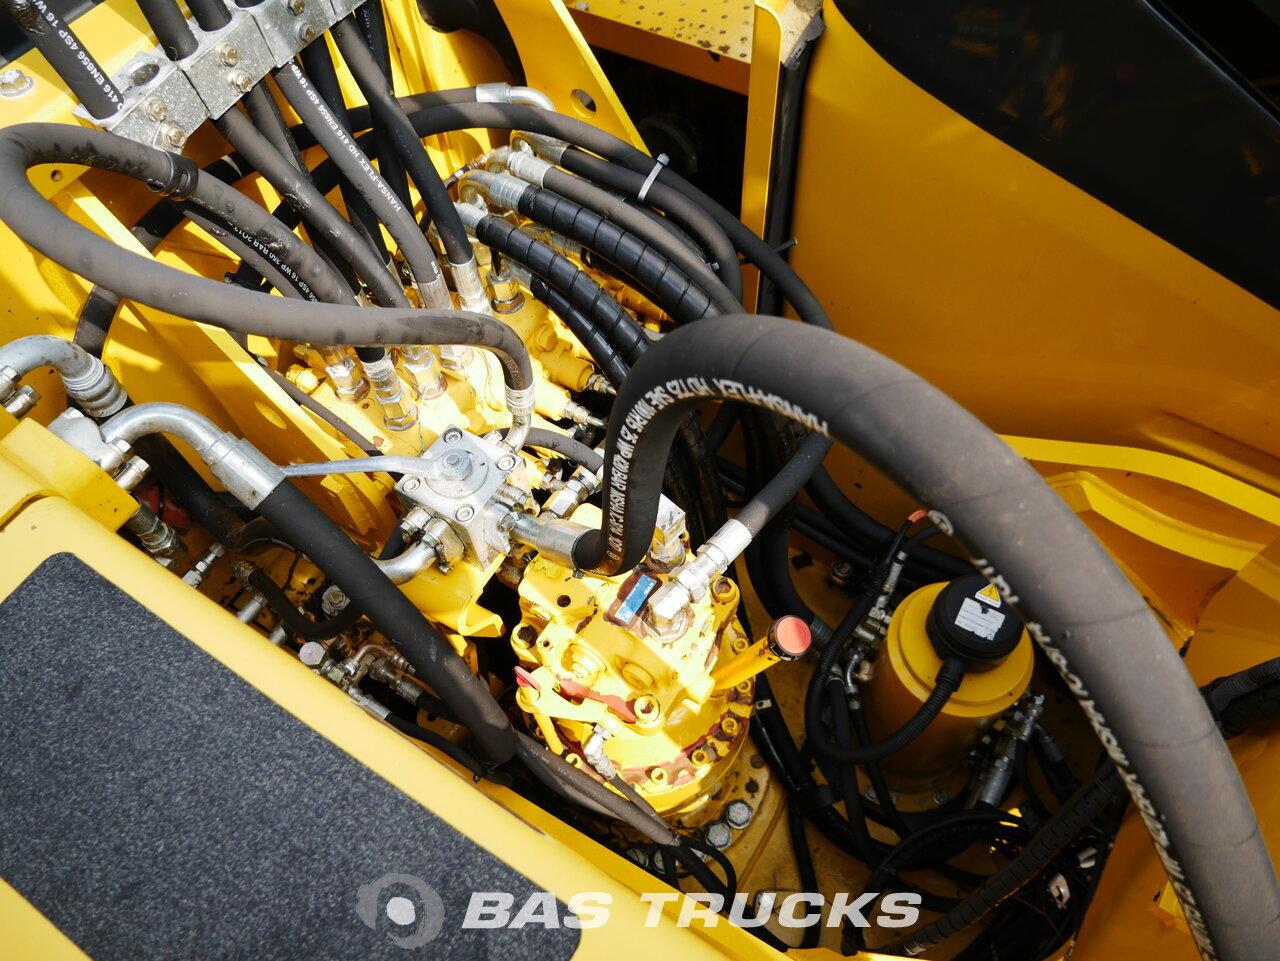 foto de Usado Máquinaria de construcción Komatsu PW160 4X4 2009